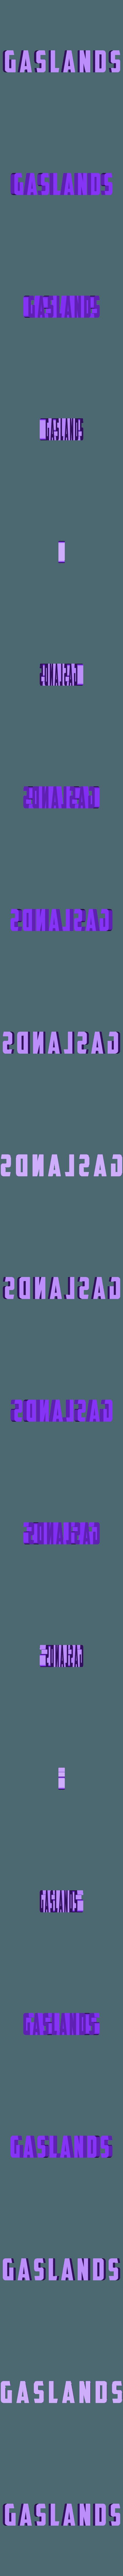 437f297f a617 4194 b5df e2935634d9f9